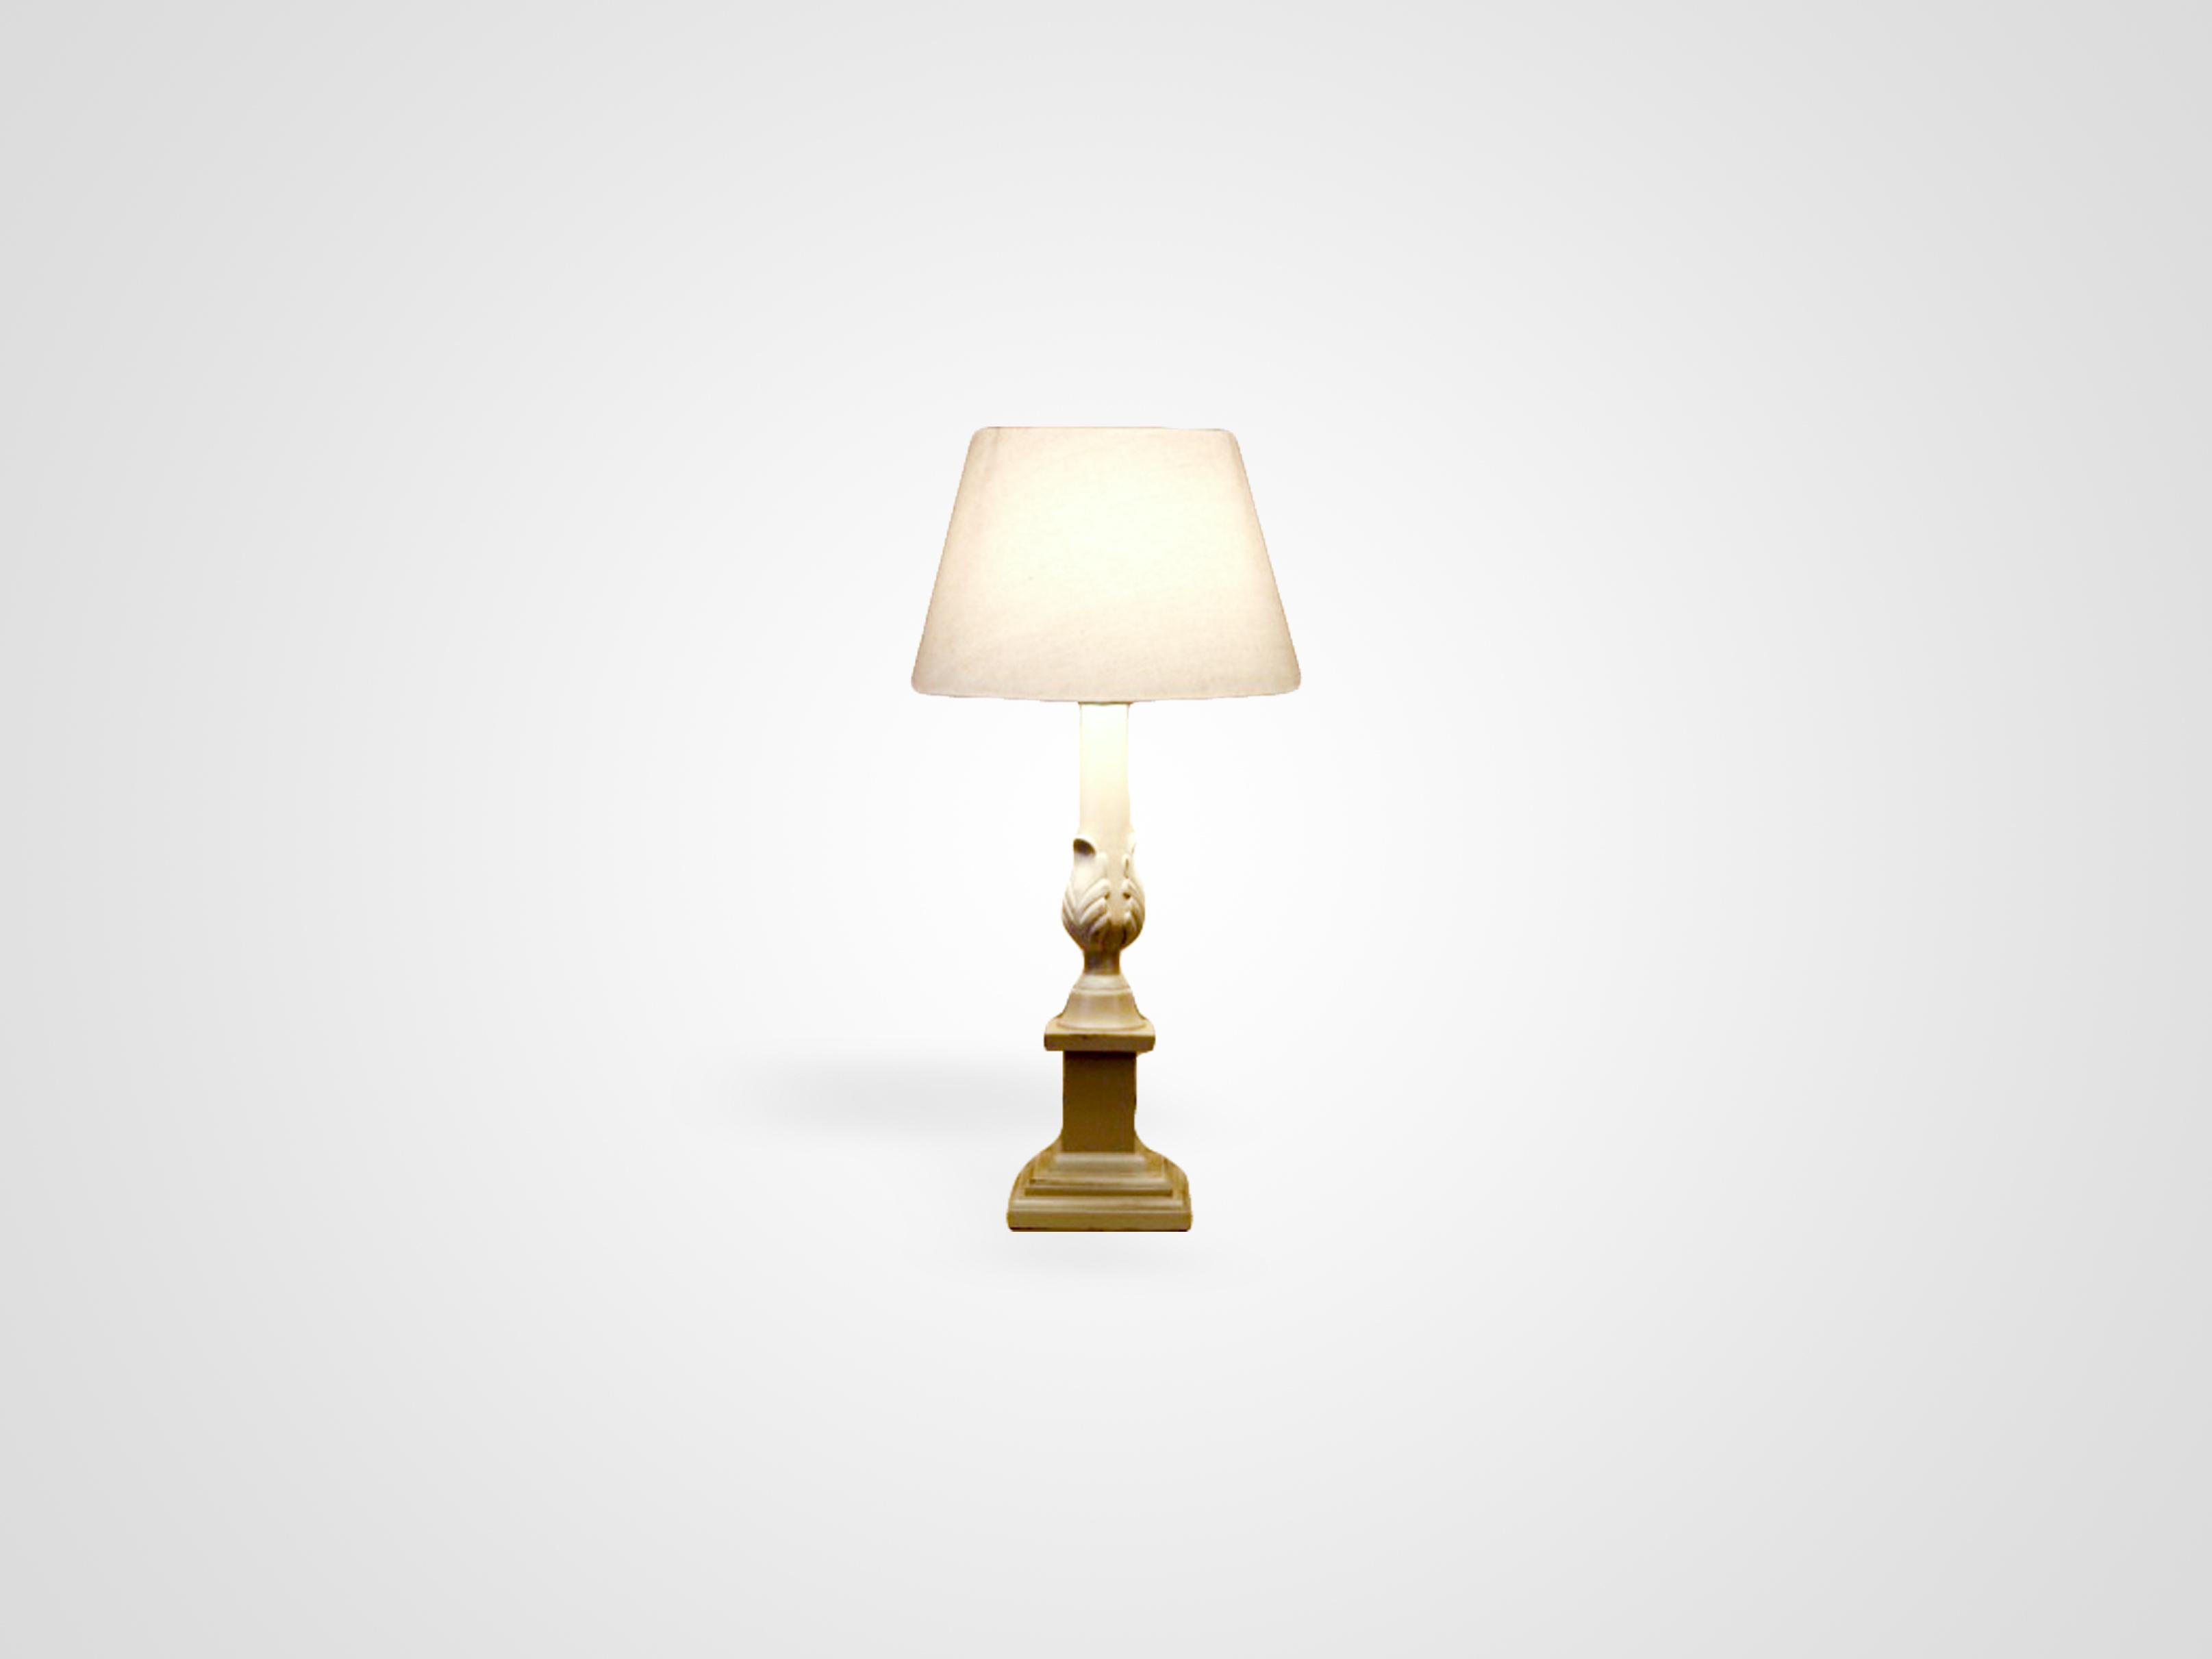 Купить Настольная лампа на резной ножке из дерева махагони, inmyroom, Индонезия